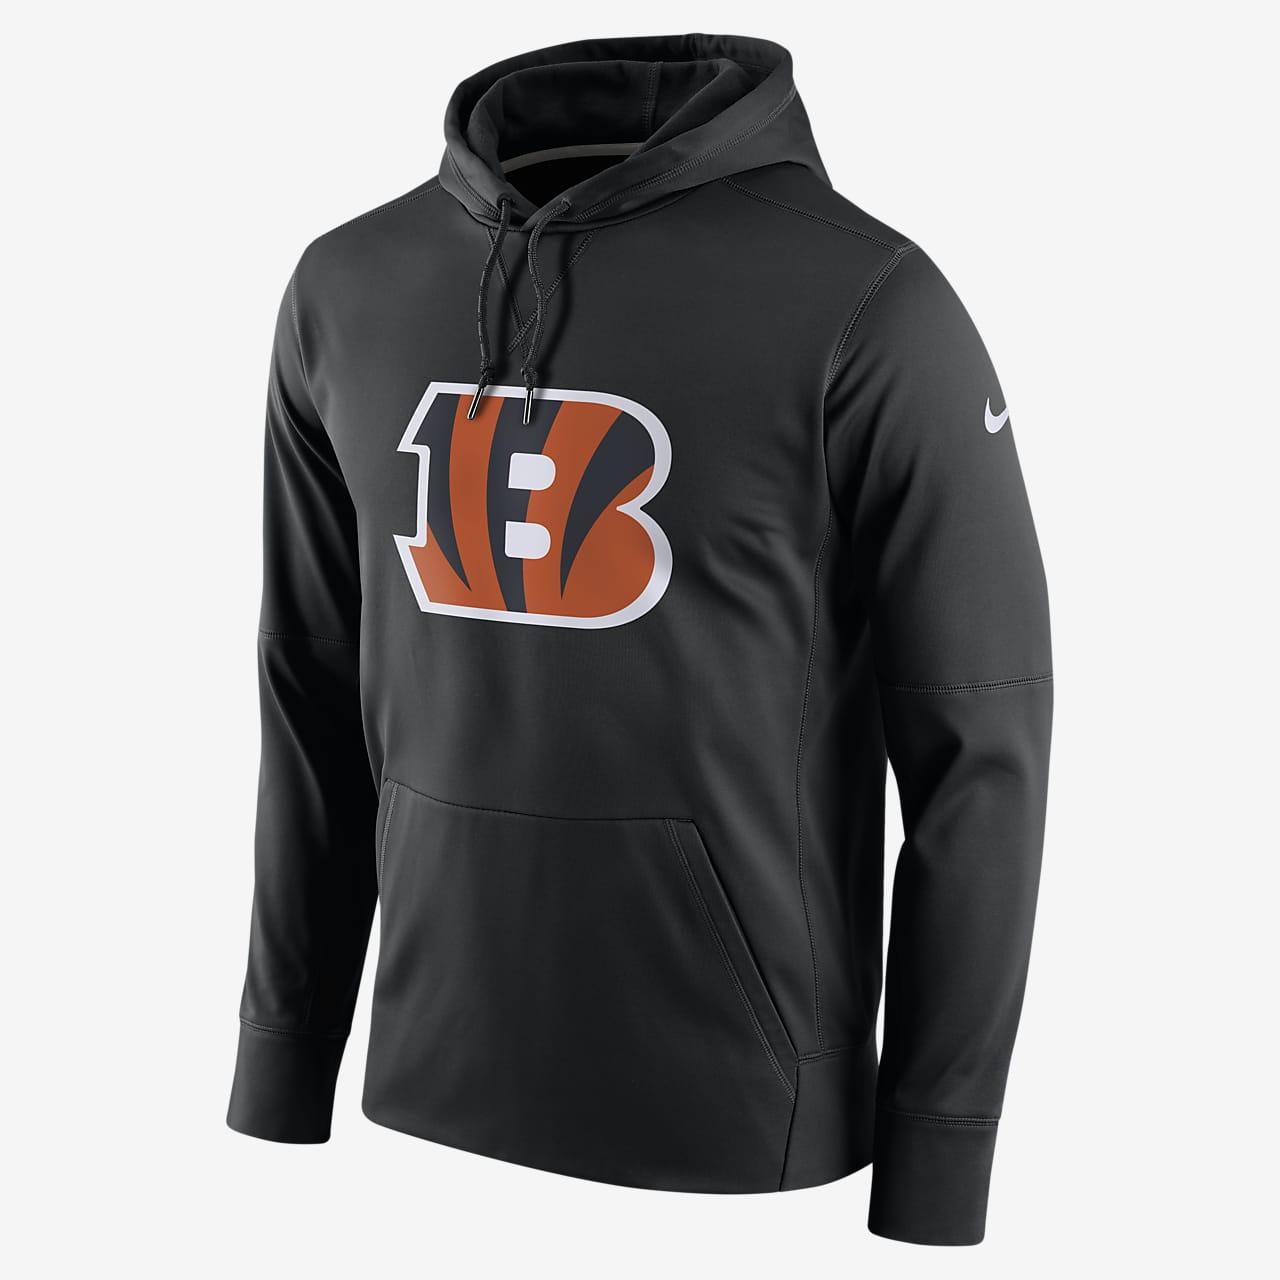 Ανδρική μπλούζα με κουκούλα και λογότυπο Nike Essential (NFL Bengals)